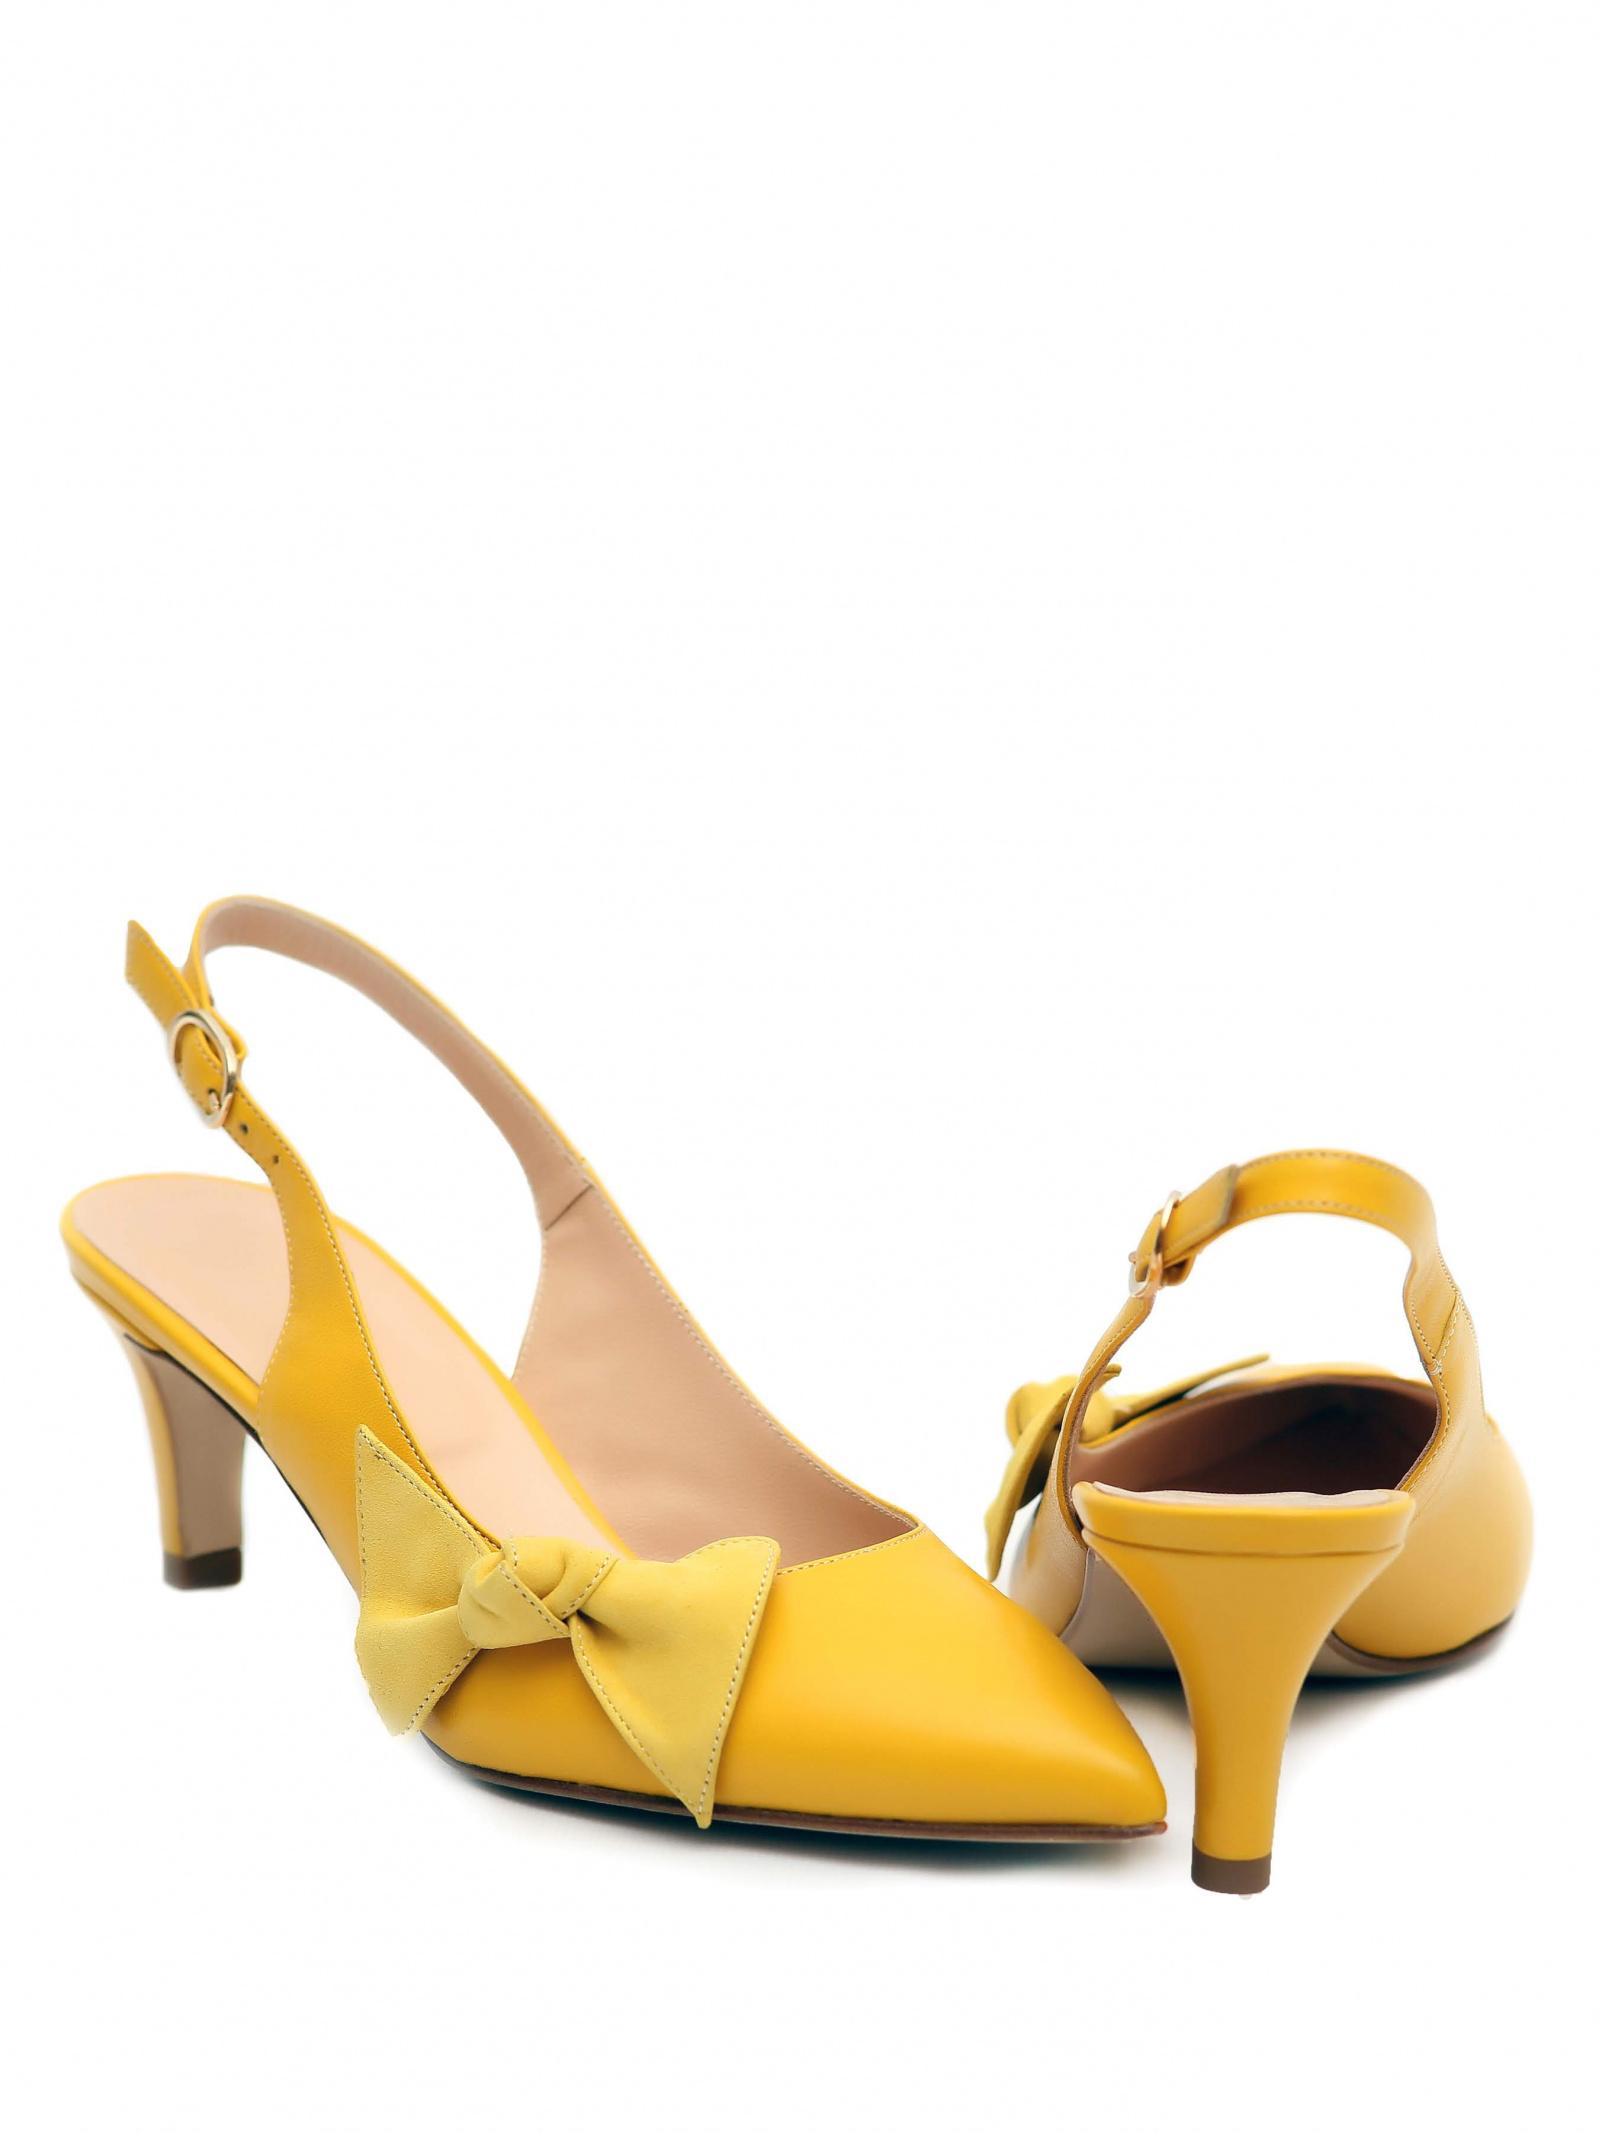 Туфлі  жіночі SITELLE LIL50YEL купити в Iнтертоп, 2017